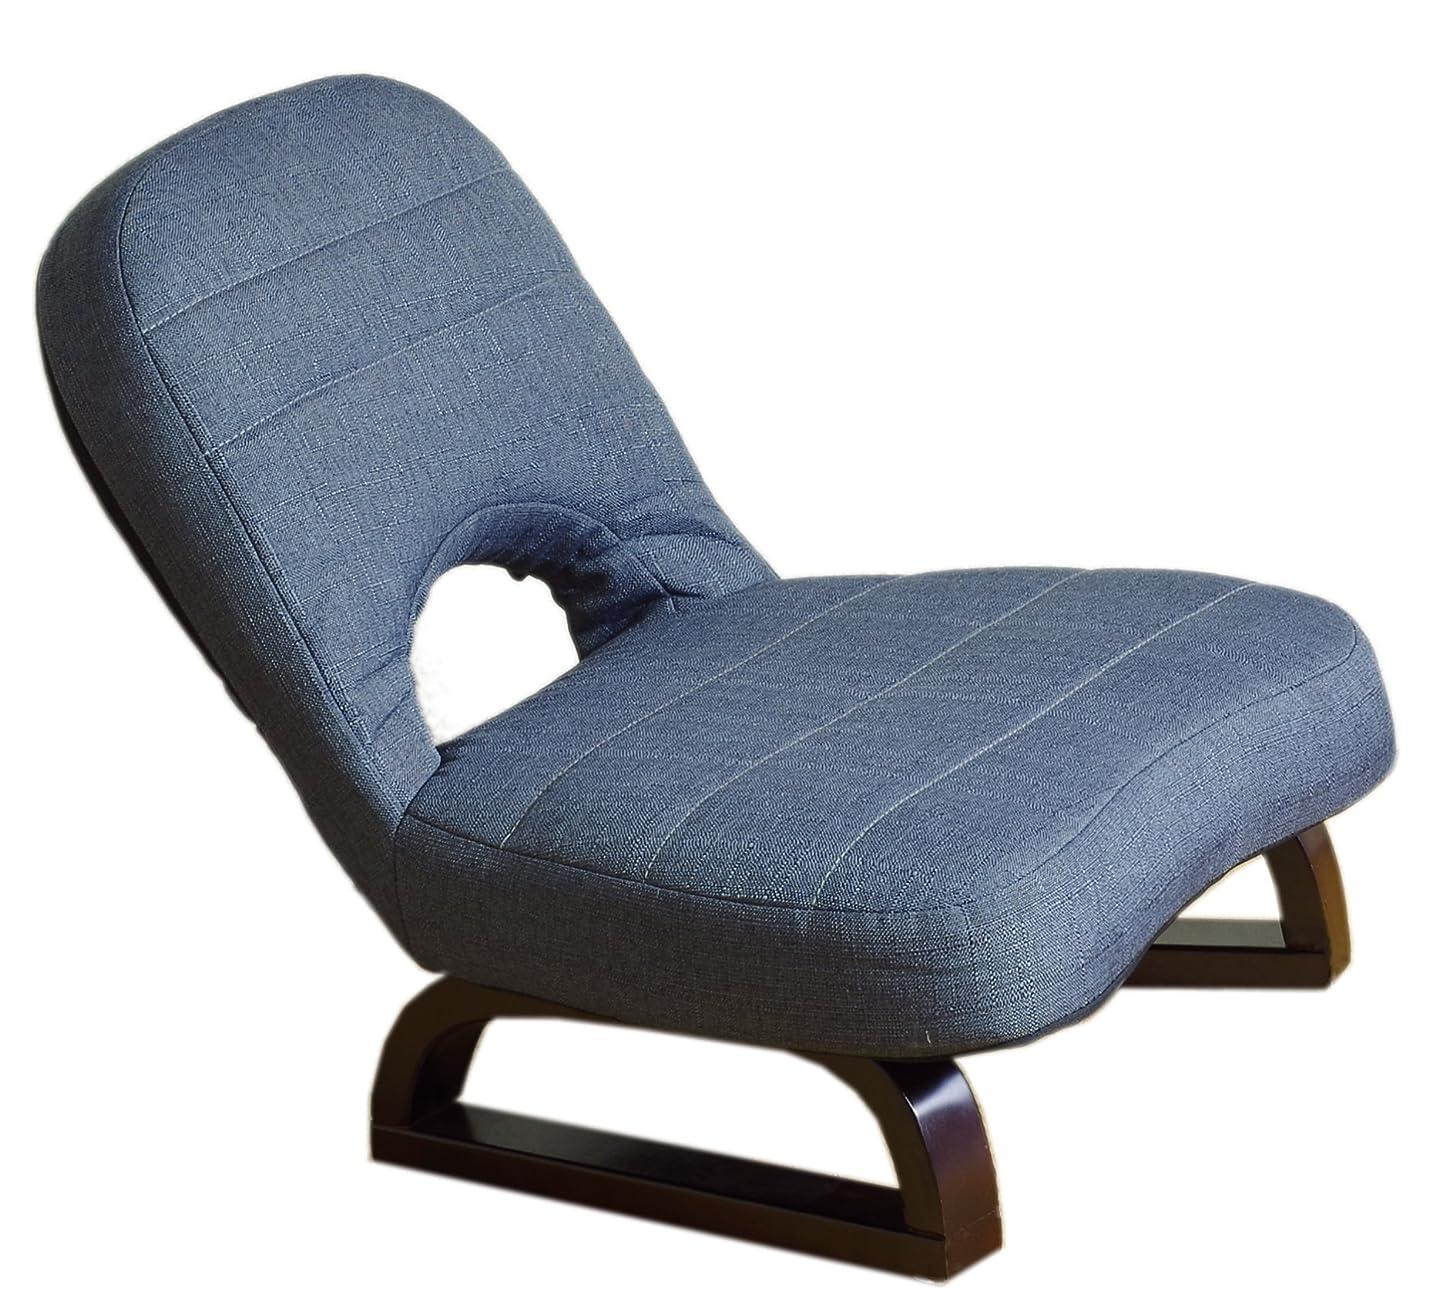 規制する生態学一般化するまごころあぐら座椅子 ネイビー SZH-バラクNV